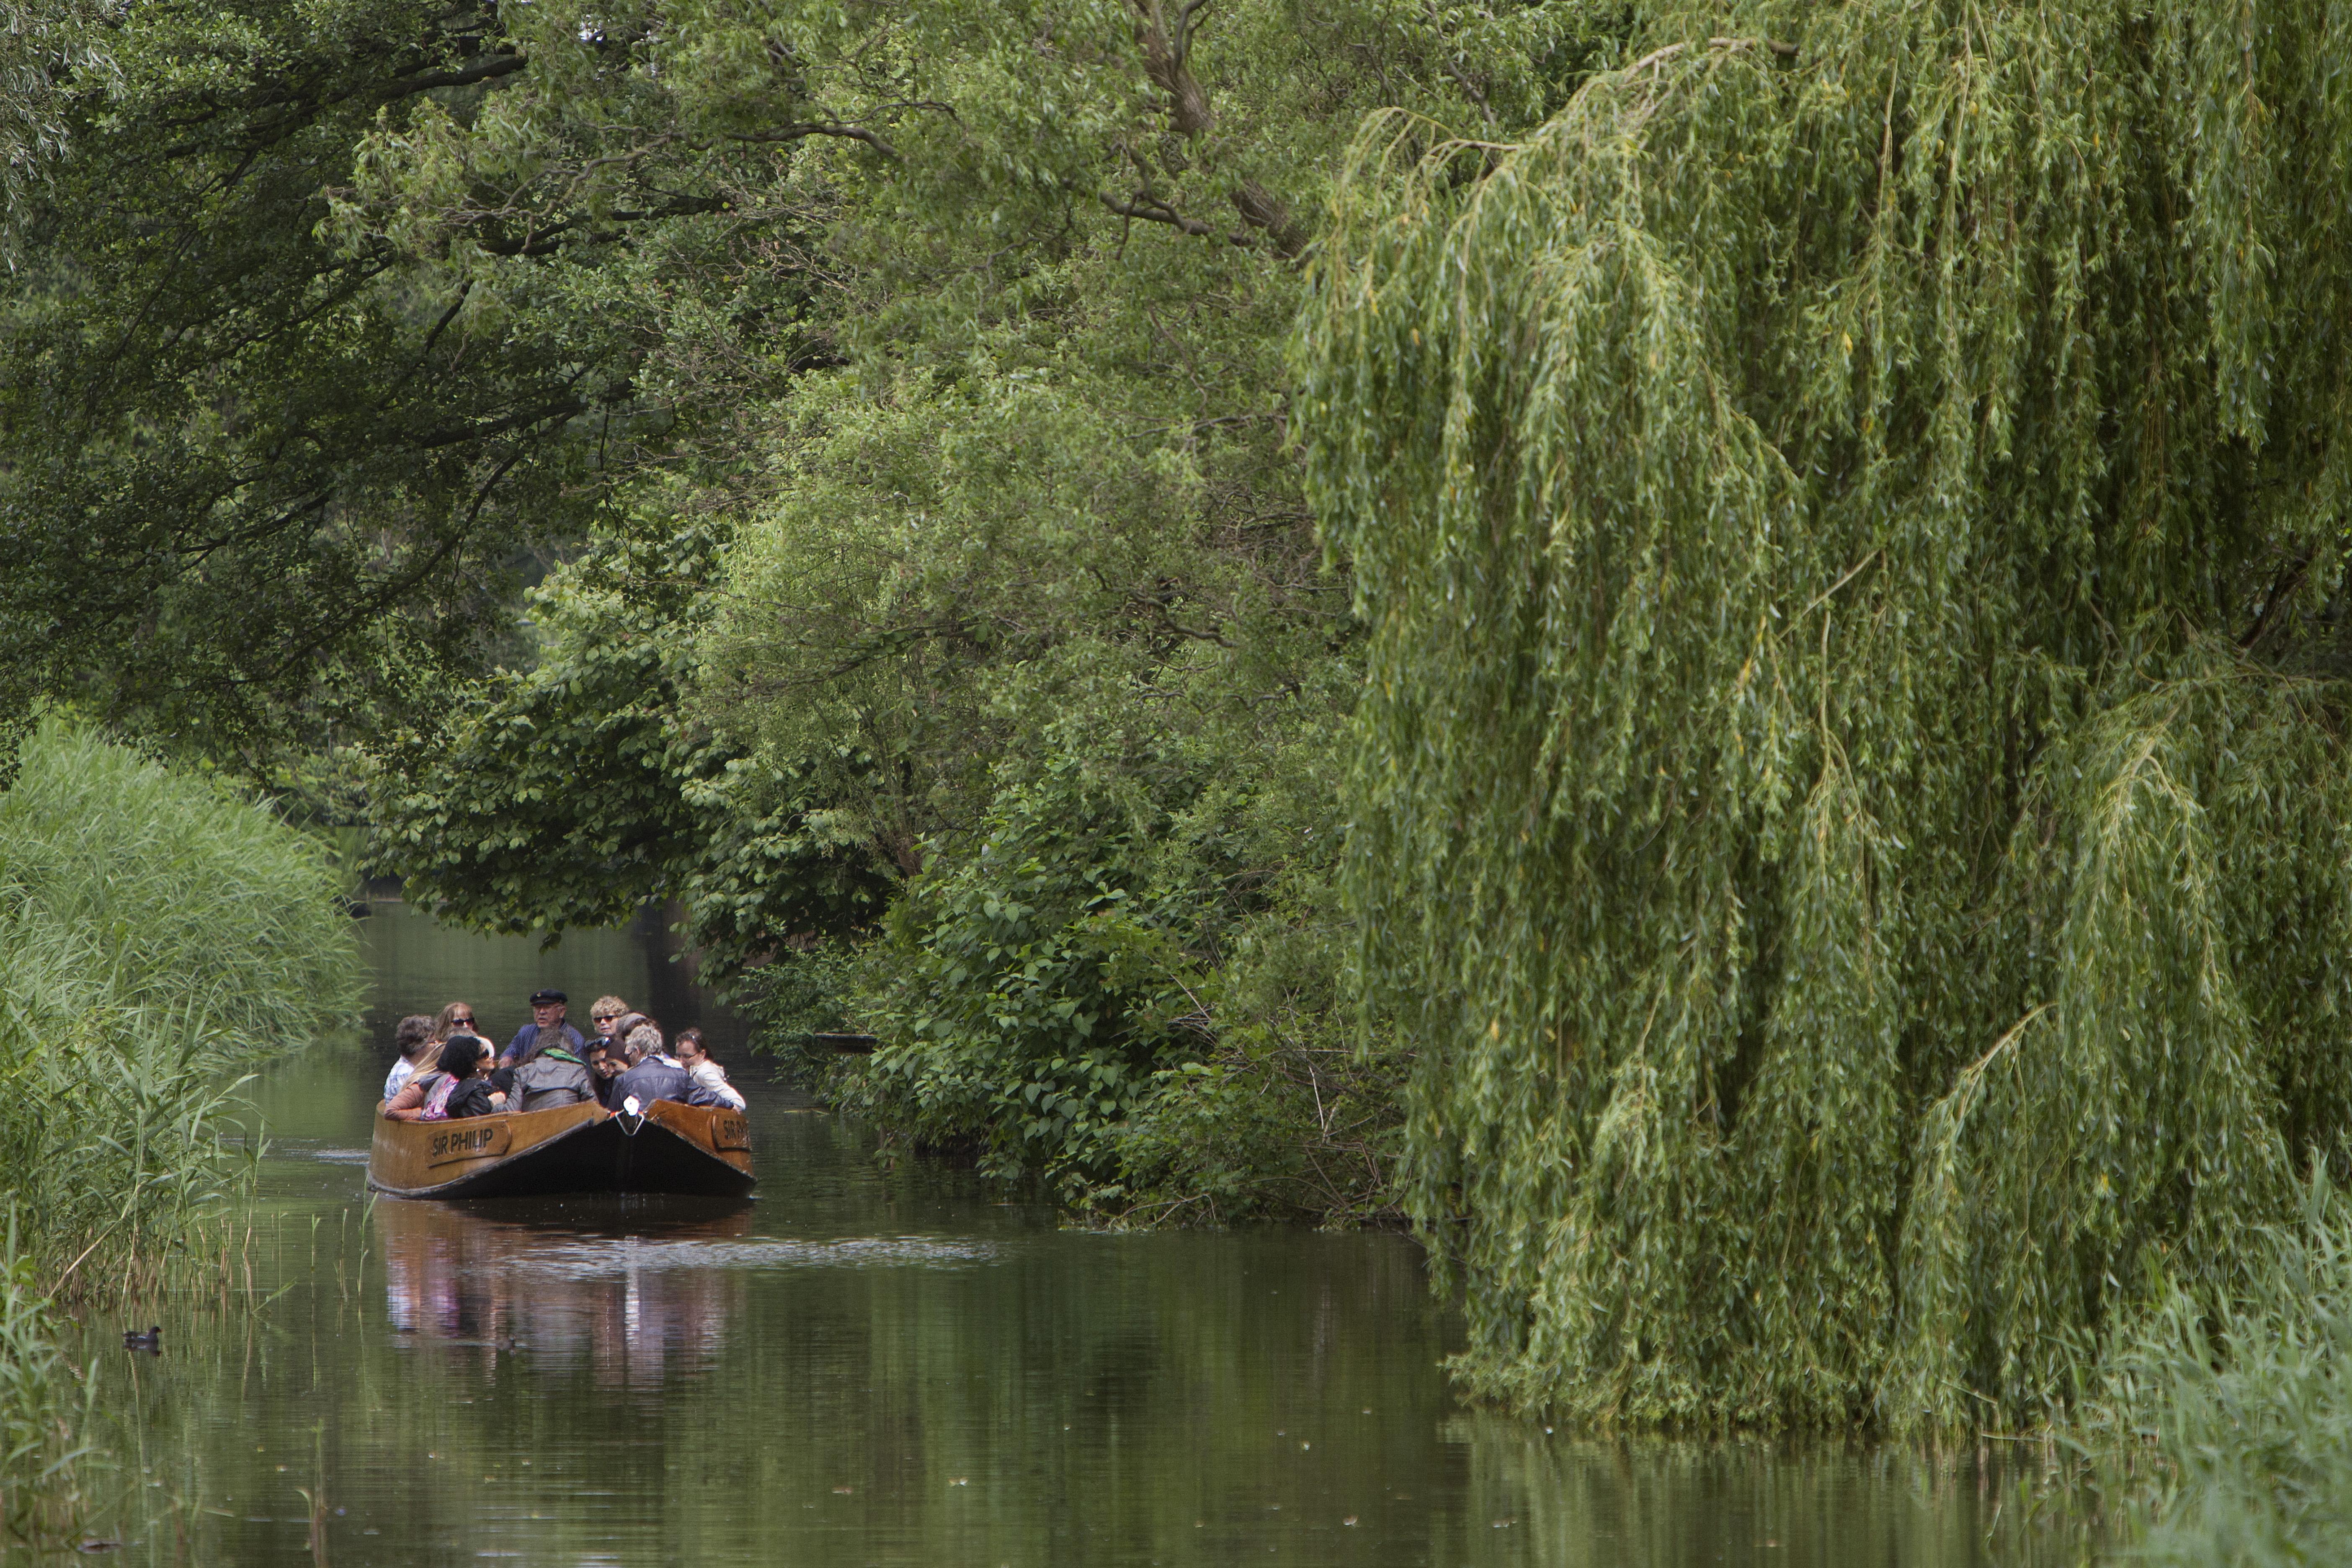 Fluisterboot op de Berkel, de Stichting Toeristisch varen heeft op de Zutphense Haringparty de Zilveren Haring gekregen. Foto Patrick van Gemert/Zutphens Persbureau